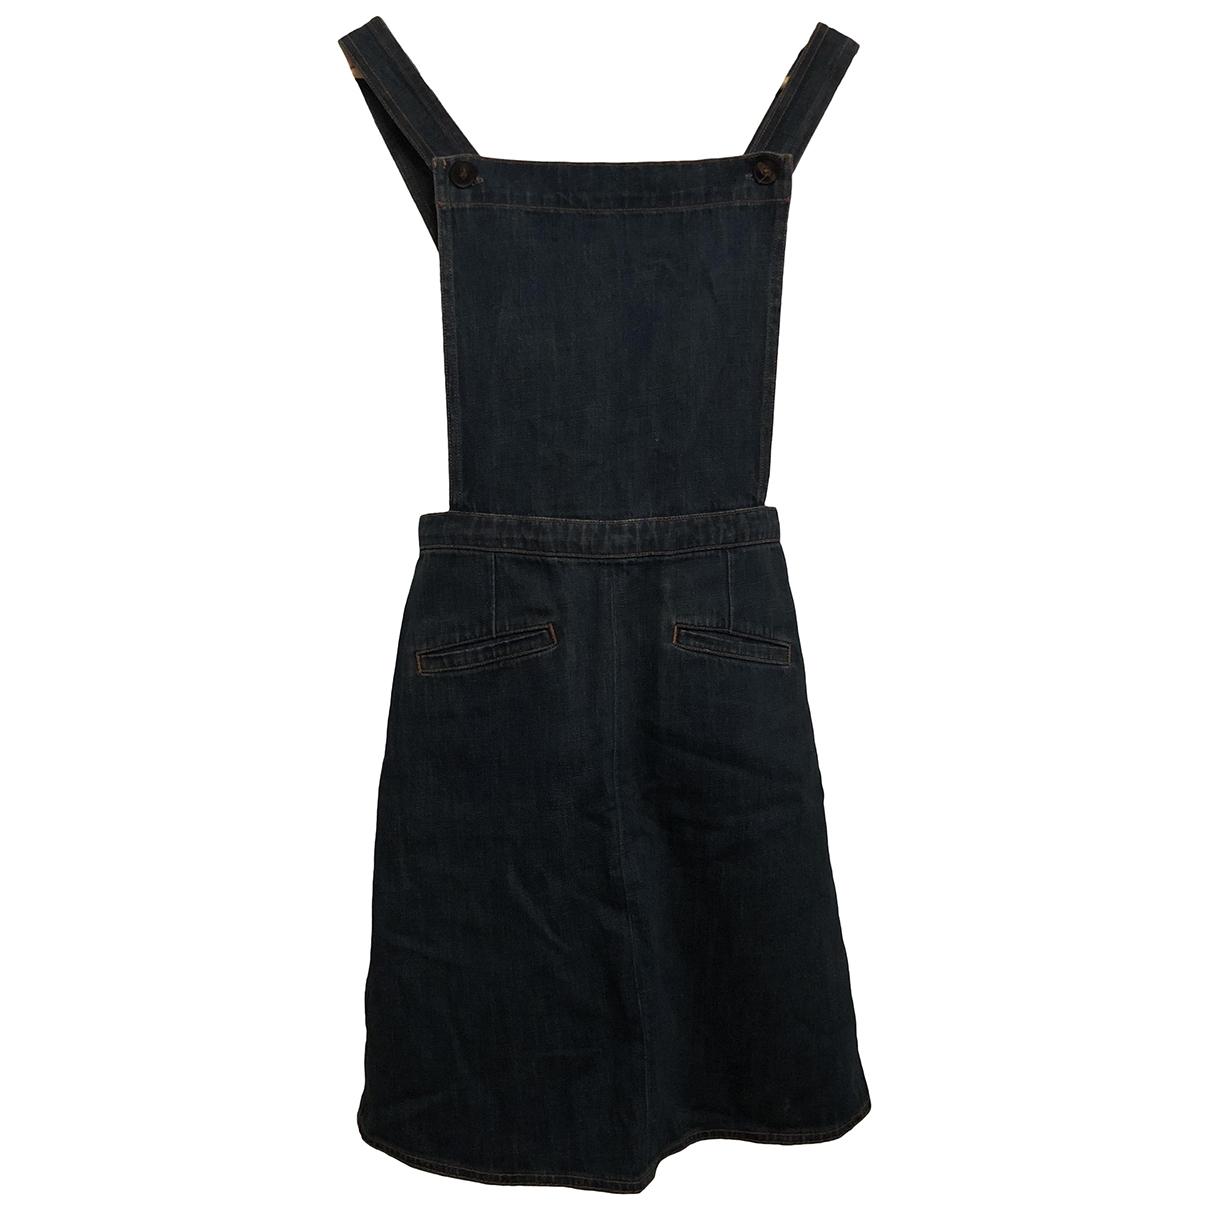 Mih Jeans \N Kleid in  Blau Denim - Jeans